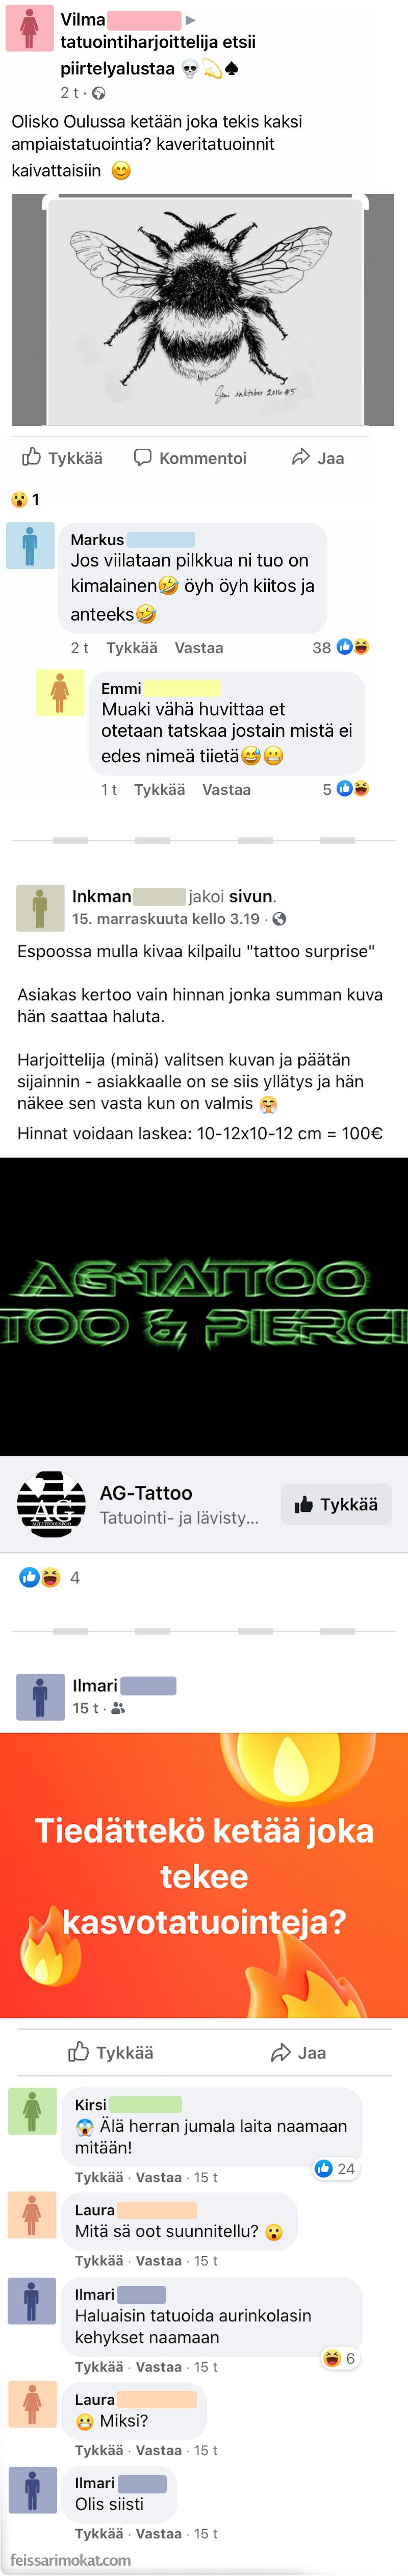 Huonon tatuoinnit ainekset